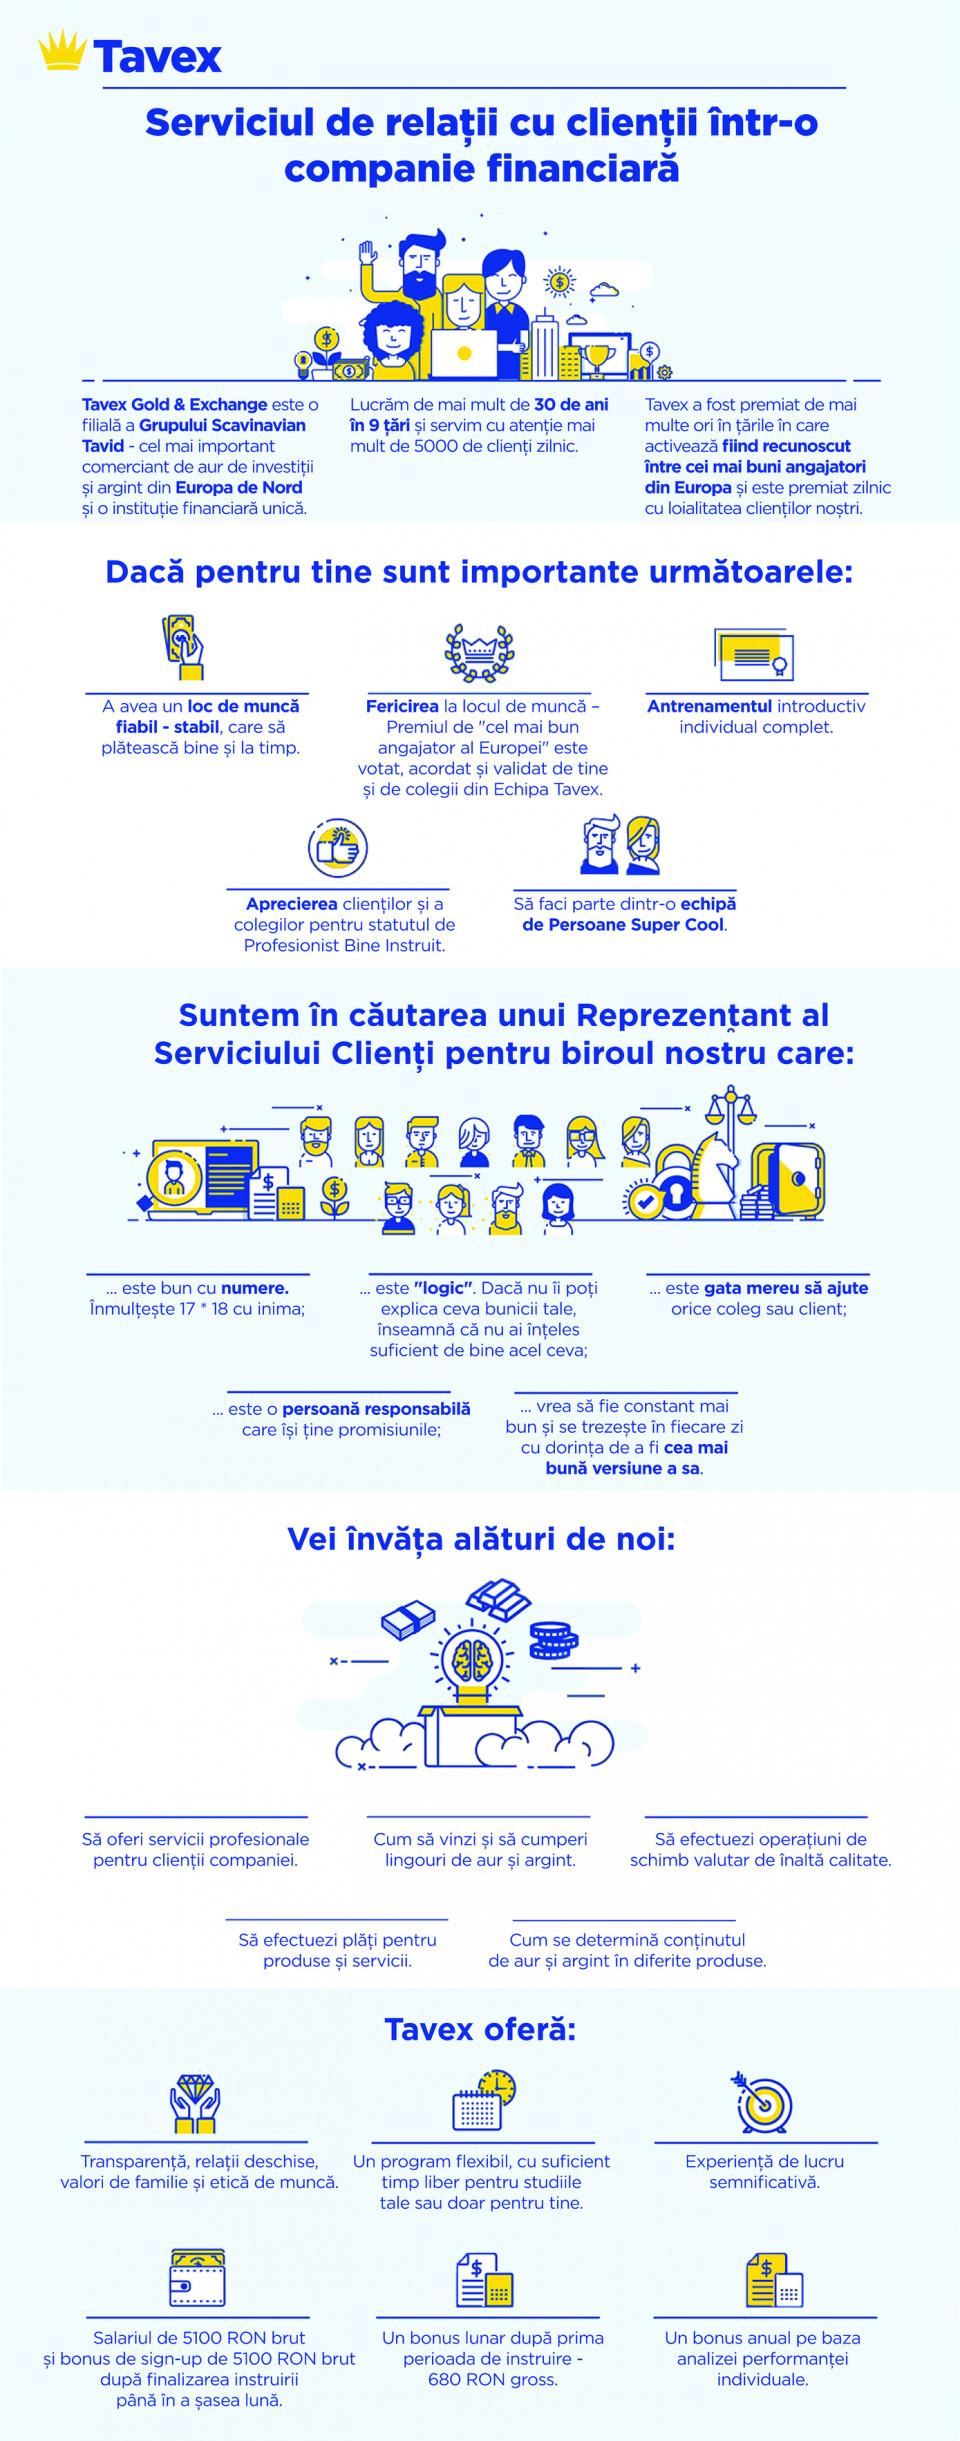 Suntem în căutarea unui Reprezentant al Serviciulu iClienţi pentru biroul nostru care:   este bun cu numere. Înmulţește 17x 18 cu inima; este